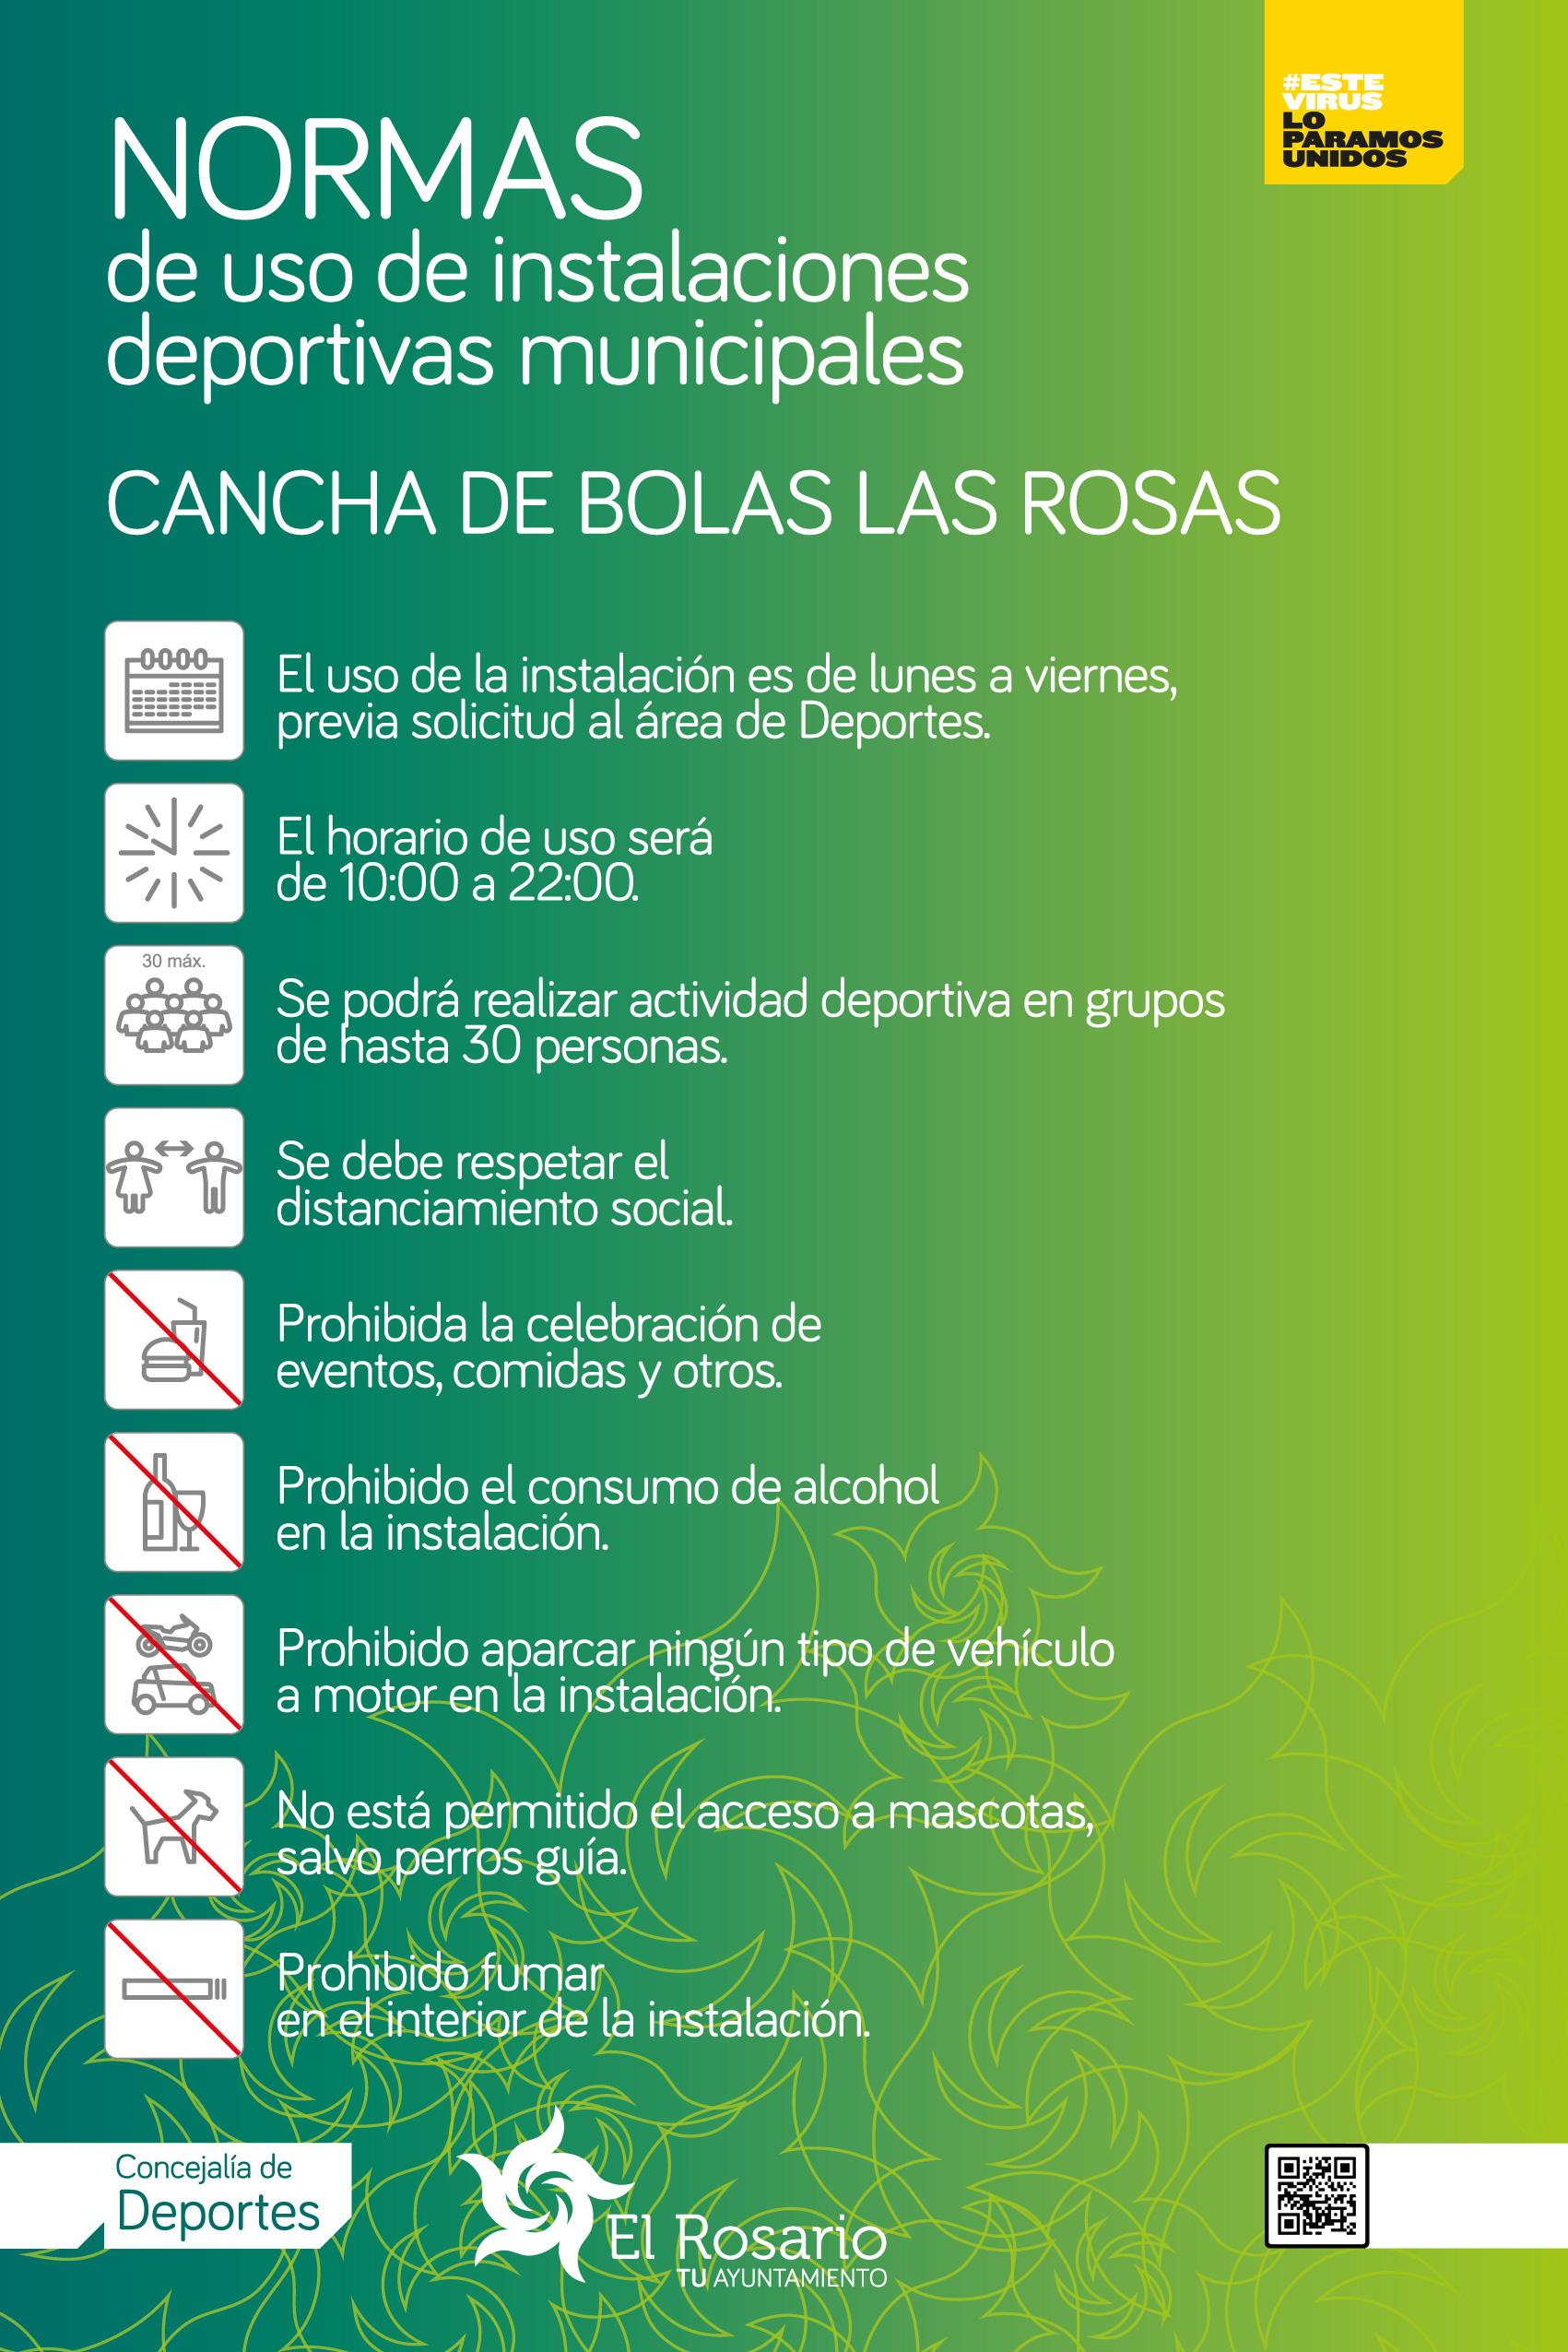 NORMAS-Instalaciones_deportivas-20200600-cartel_600x900-20200717-01af-rrss3